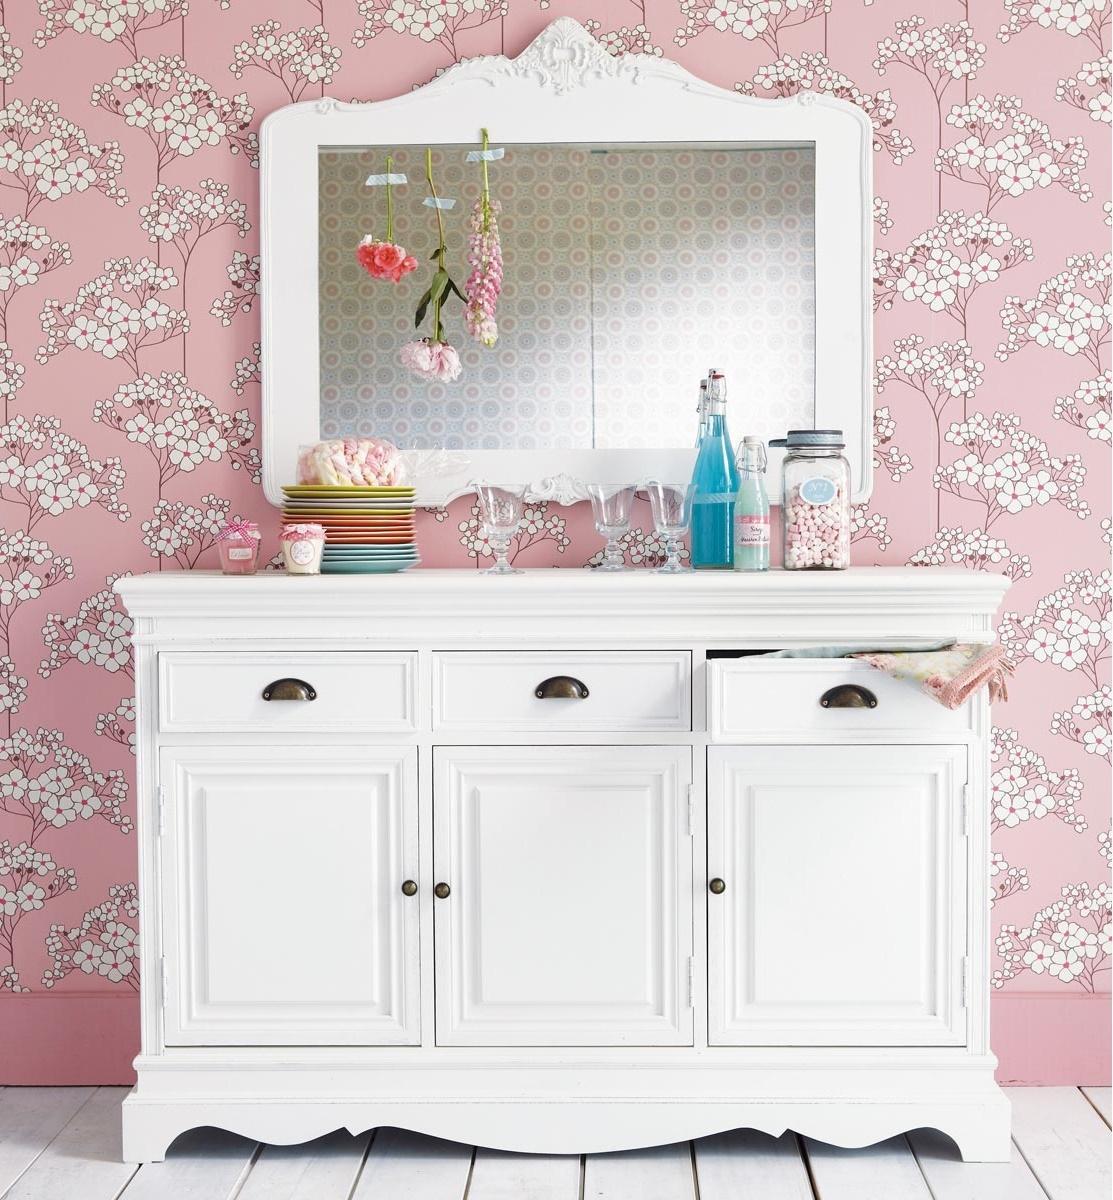 maison du monde il catalogo 2014 di preziosa ispirazione shabby chic. Black Bedroom Furniture Sets. Home Design Ideas